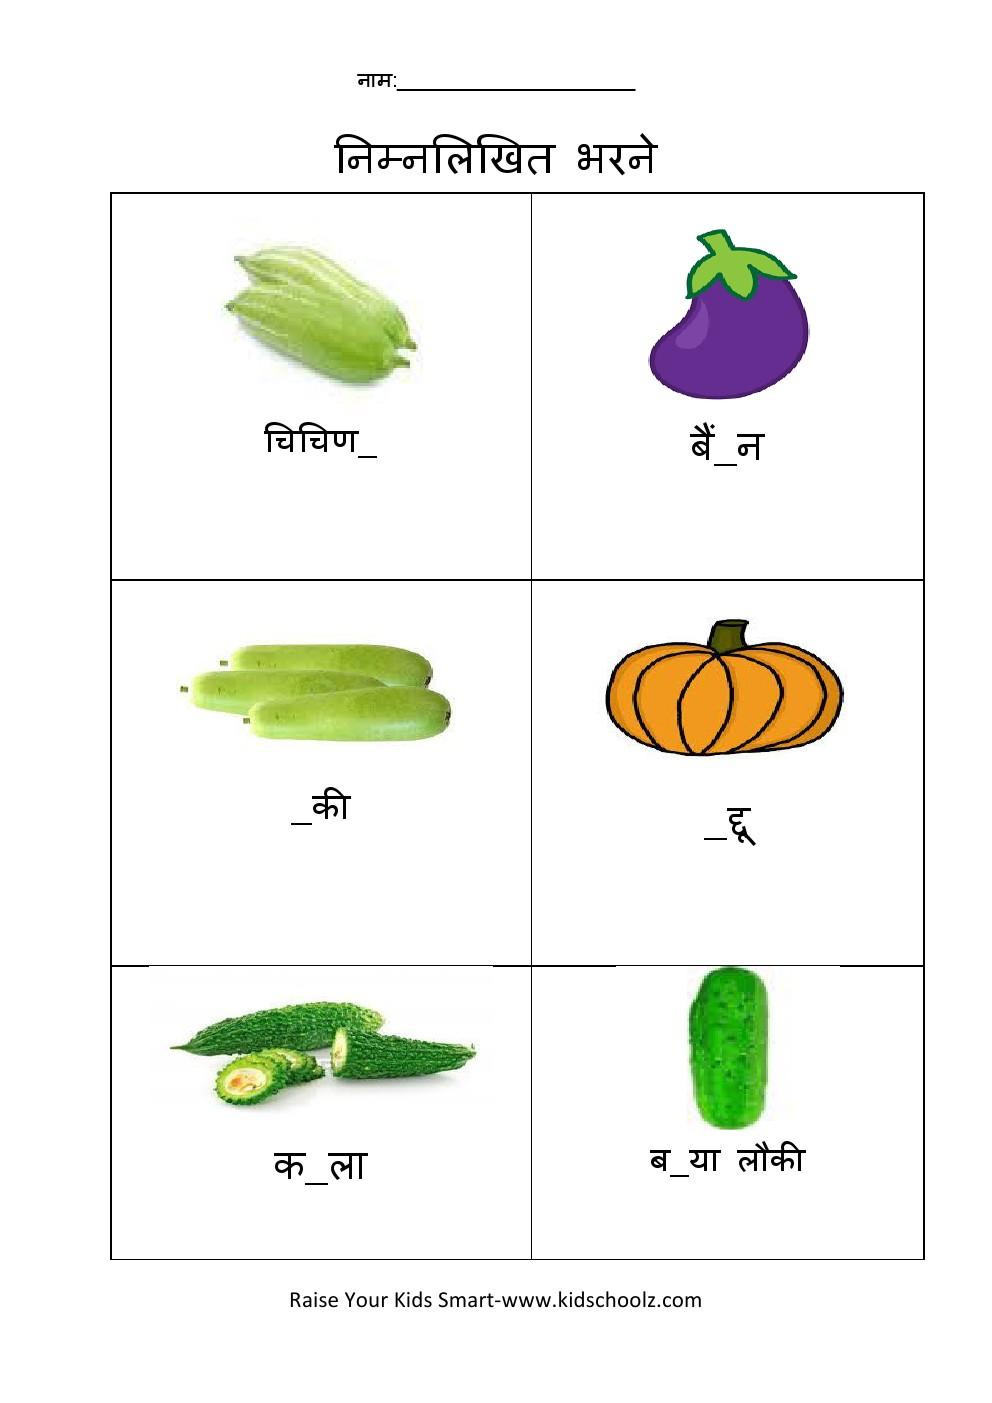 Hindi Vegetables Worksheet 3 KidschoolzKidschoolz – Hindi Worksheets